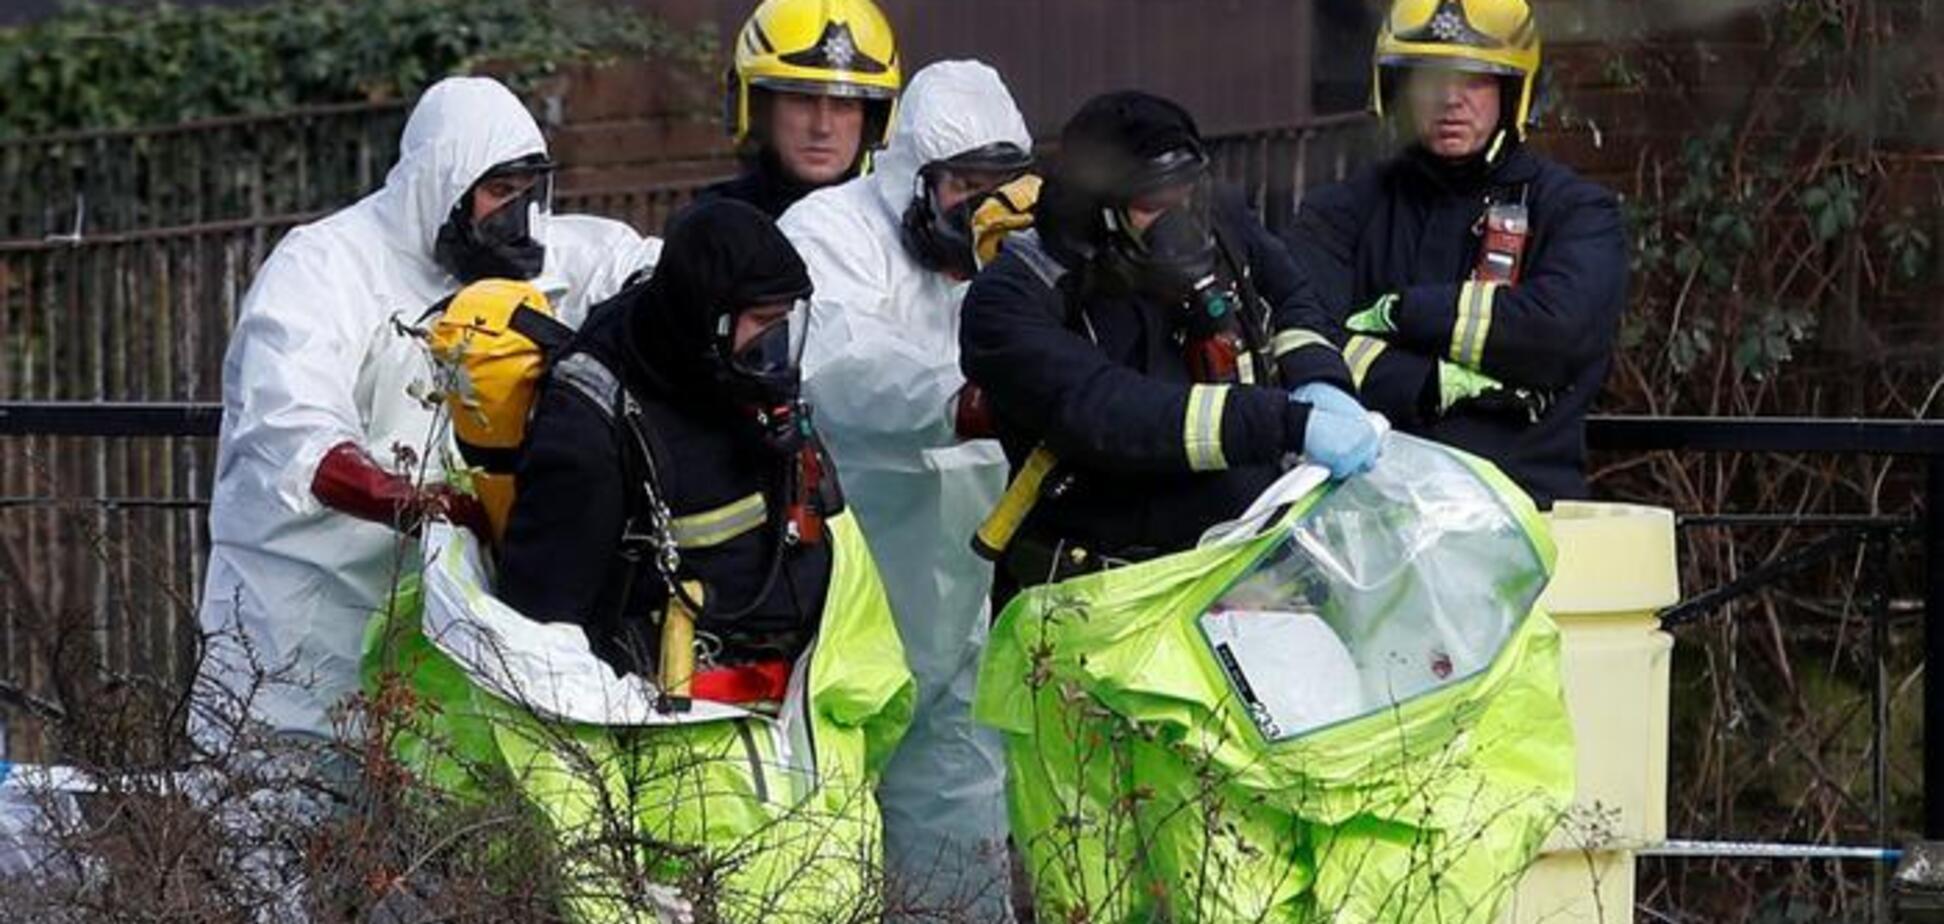 Отравление Скрипалей: в Британии впервые показали подозреваемых россиян